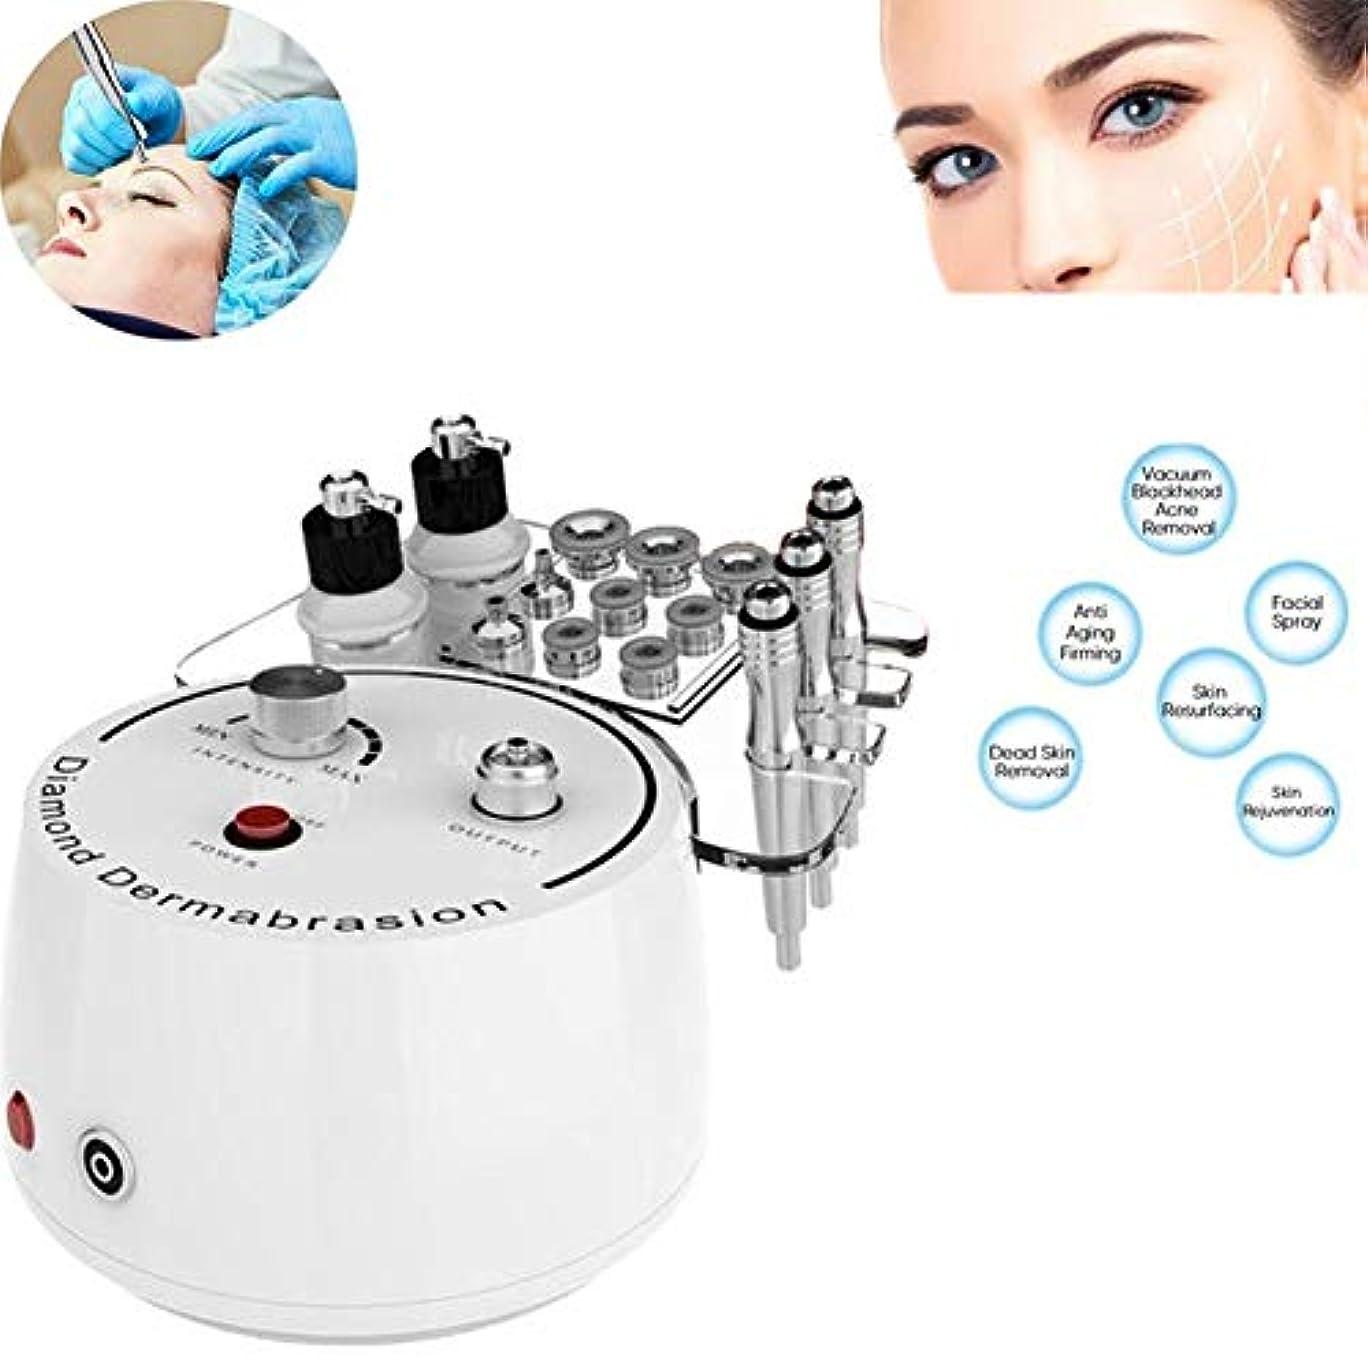 トーストパン屋未来1ダイヤモンドマイクロダーマブレーション皮膚剥離機ホームフェイシャル美容機器に付き3